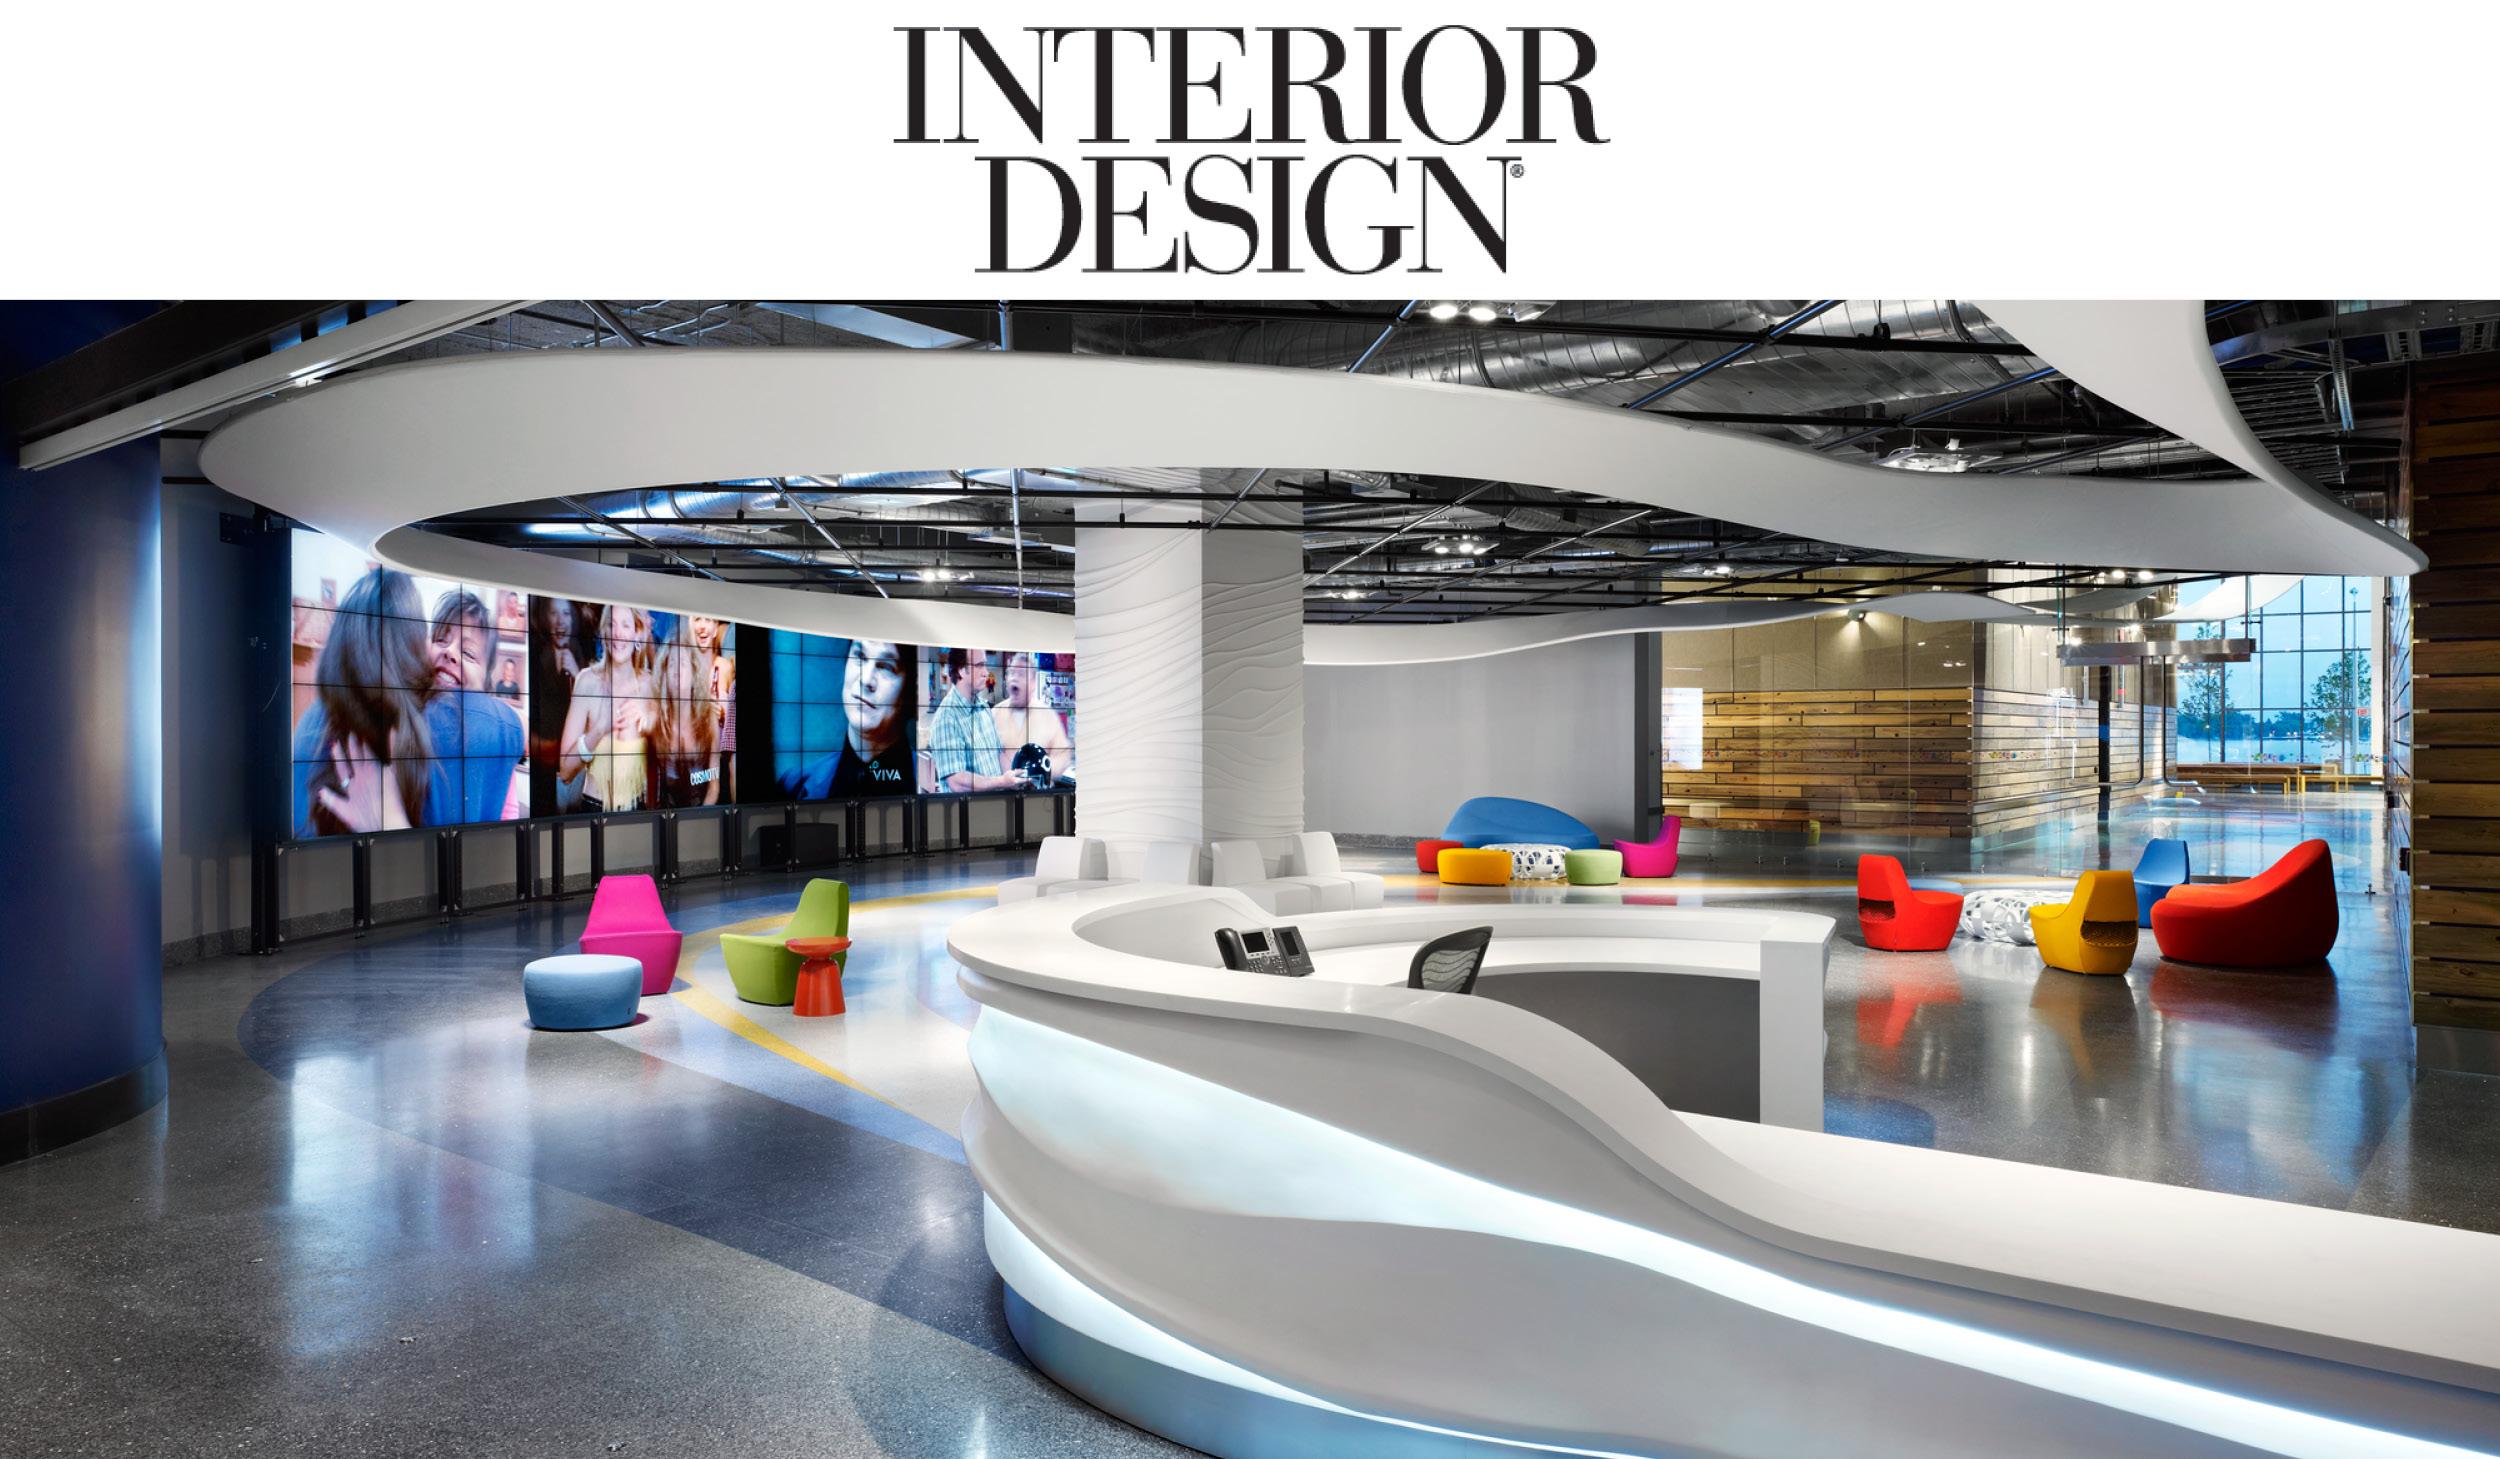 colourful interiors at Corus Entertainment headquarters underneath the Interior Design magazine logo